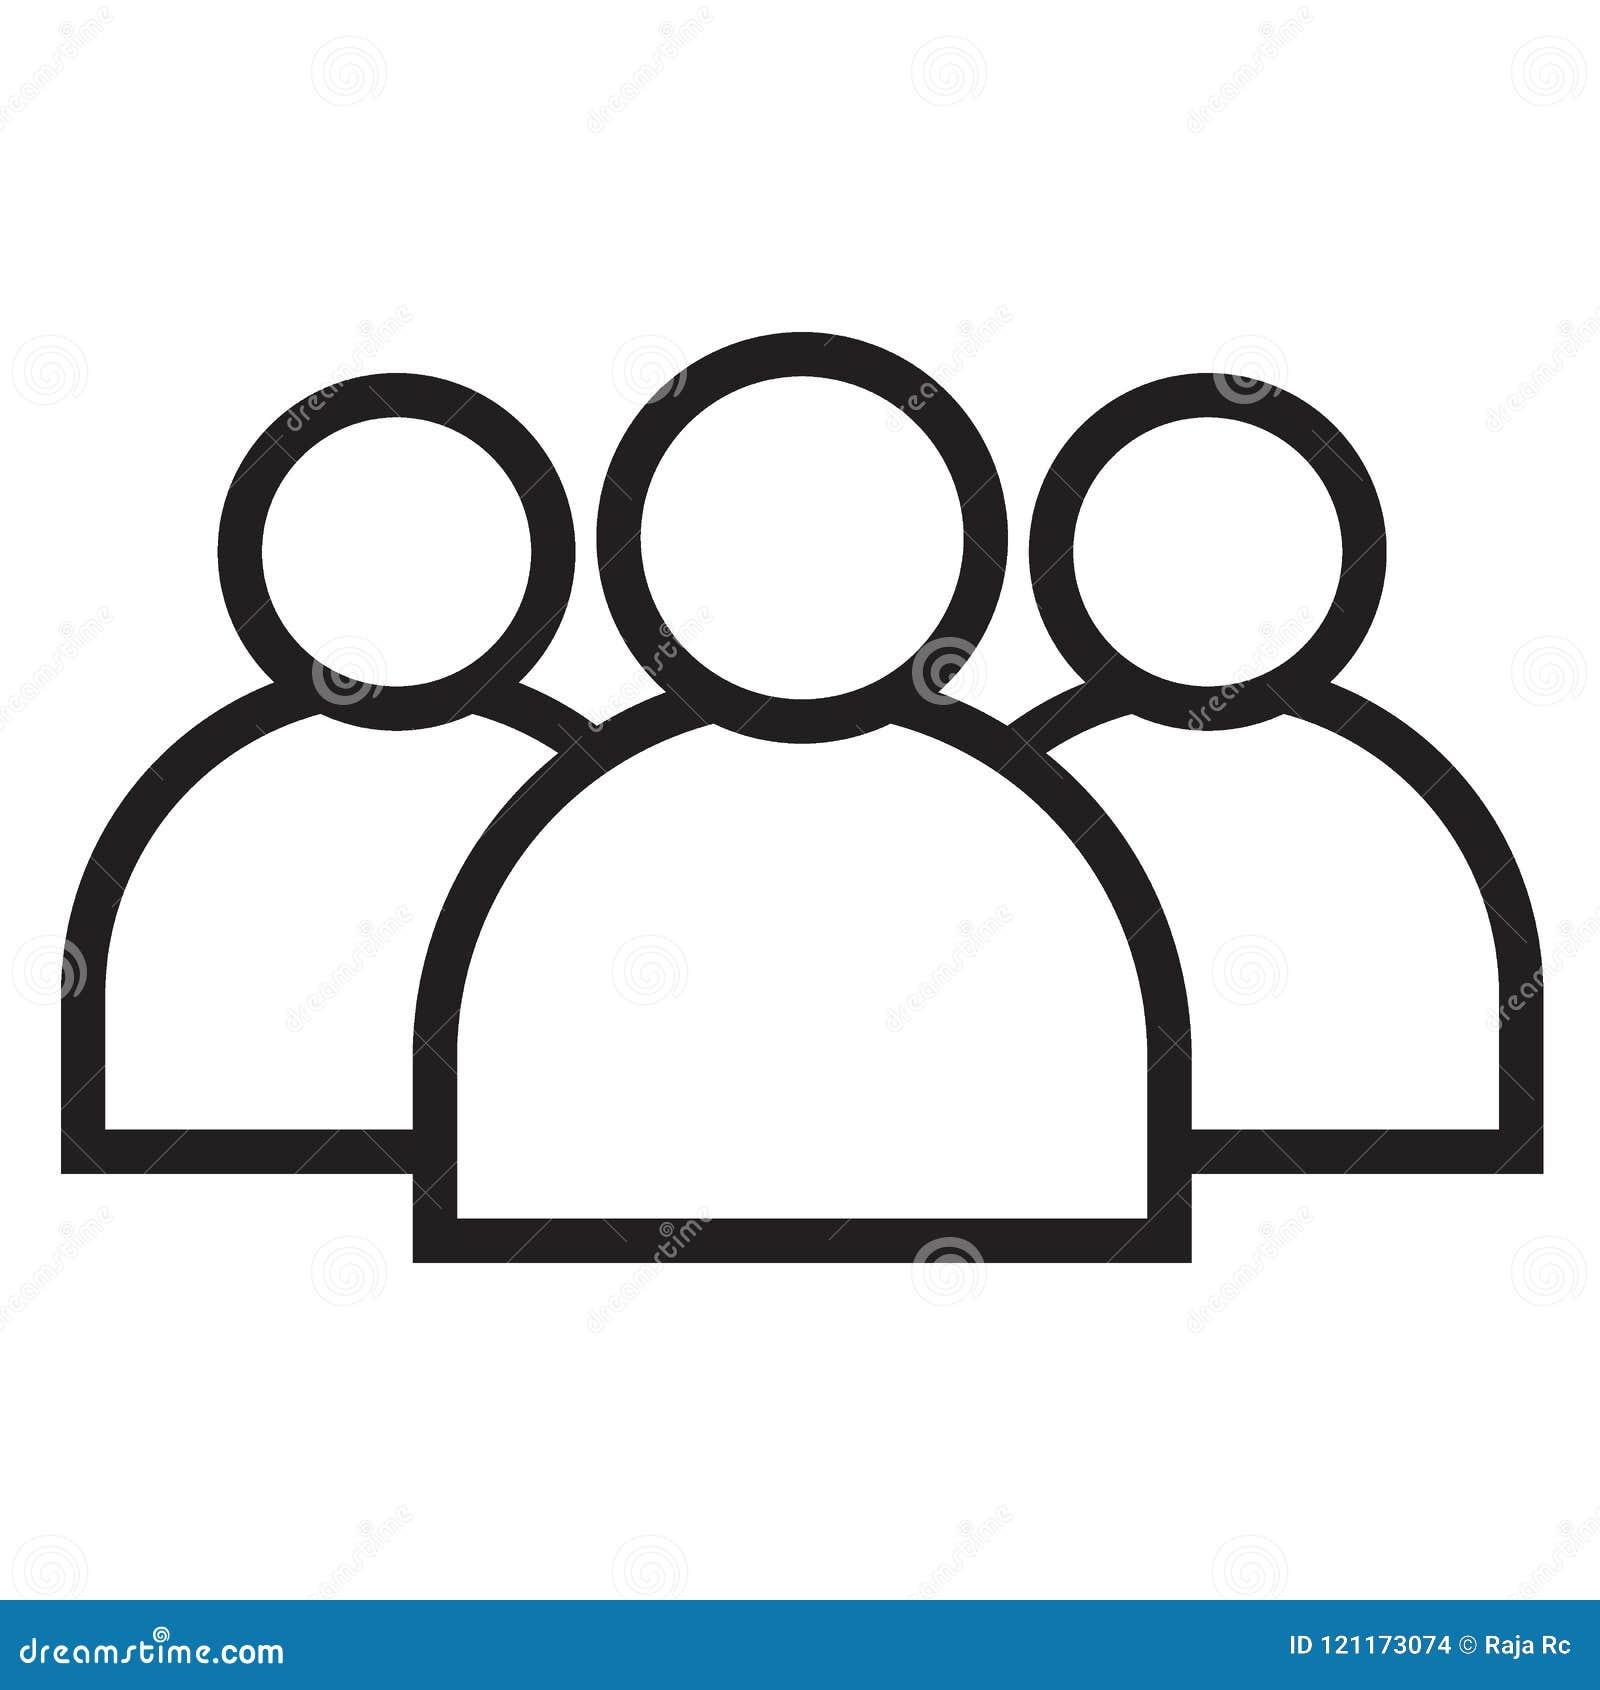 Μαύρο εικονίδιο γραμμών μελών ομάδας